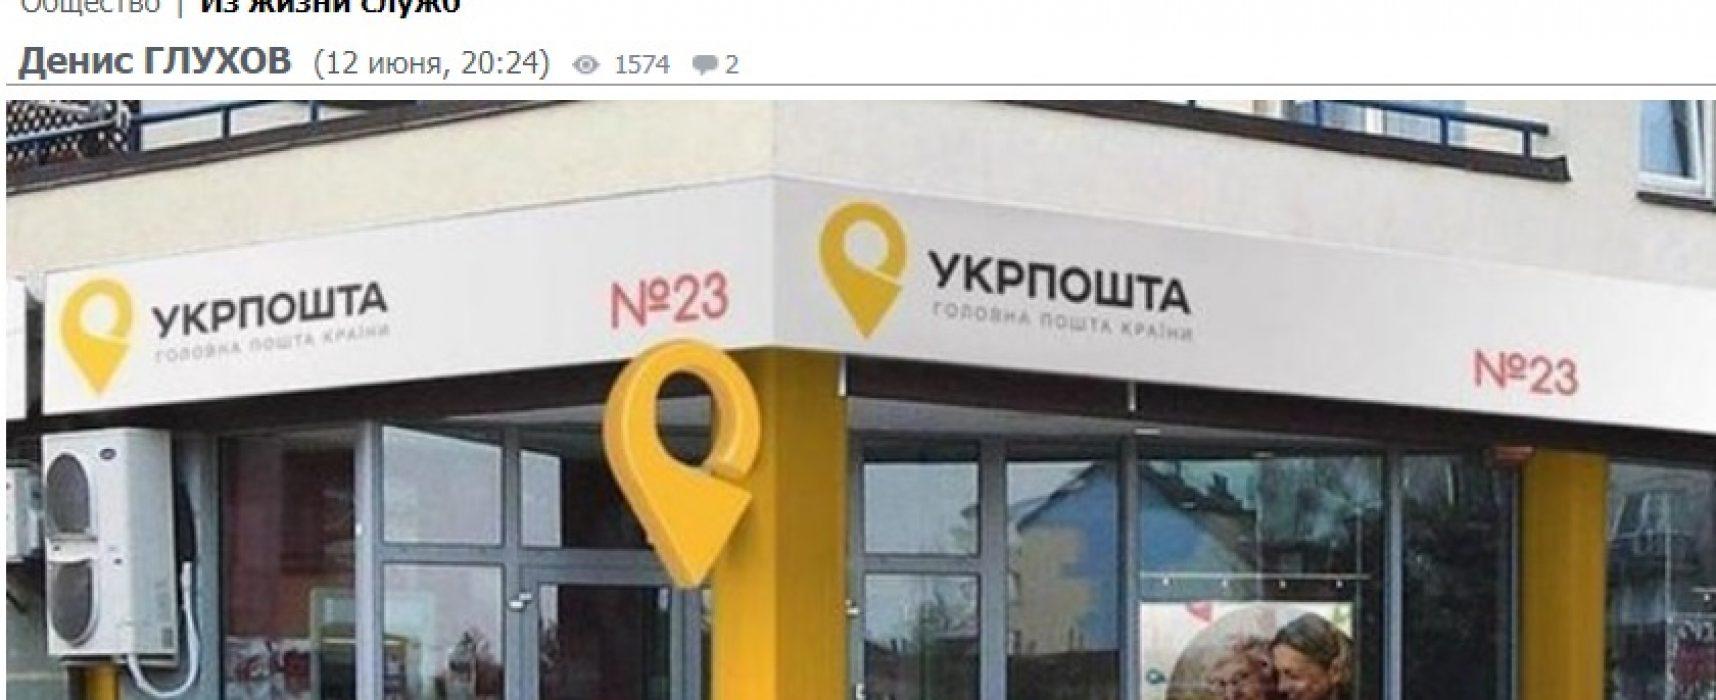 Falso: Correos Ucranianos está al borde de la bancarrota